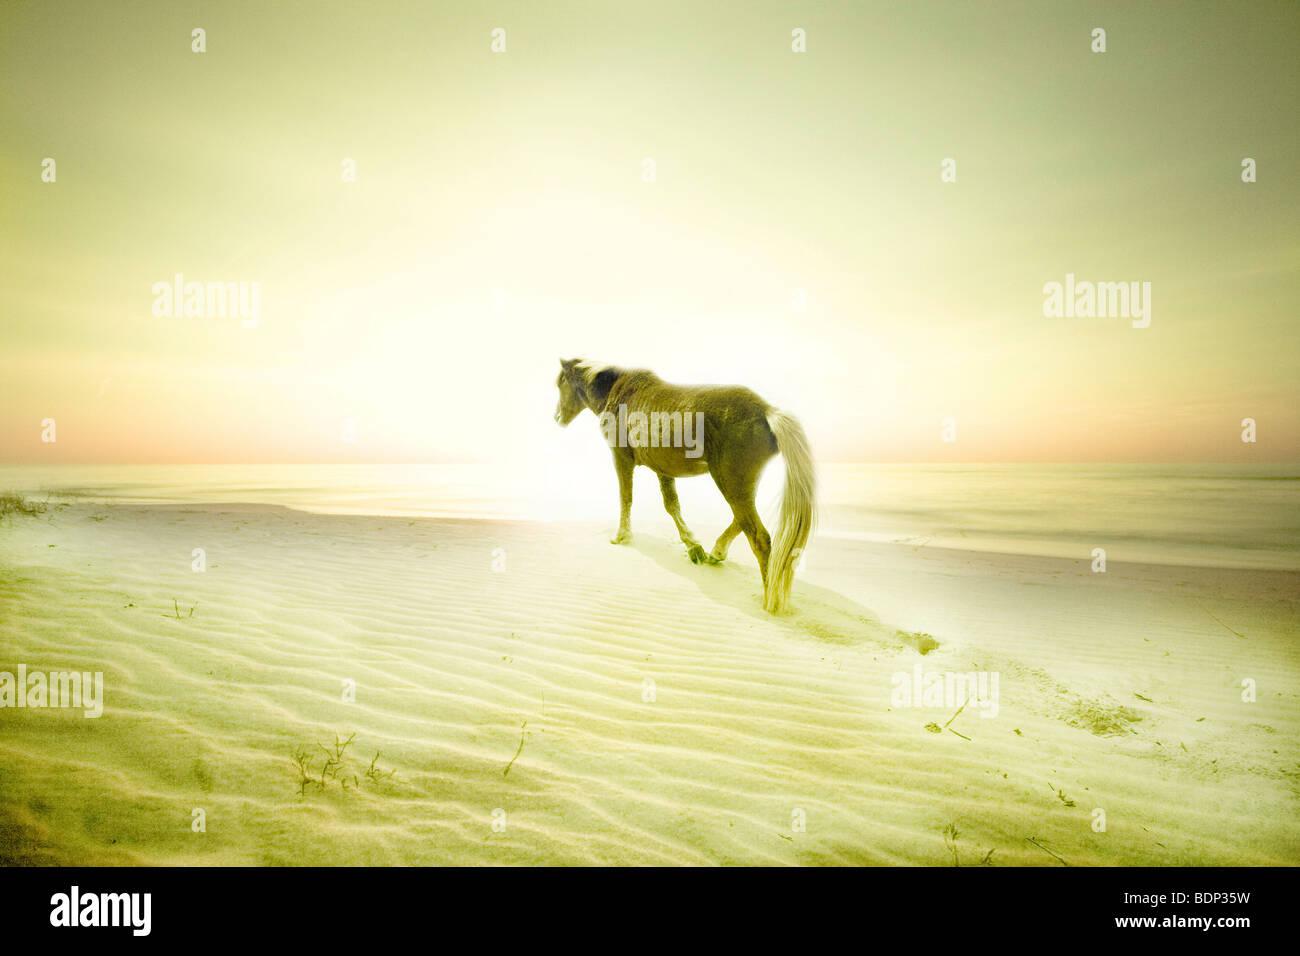 Um pônei em uma praia arenosa Imagens de Stock